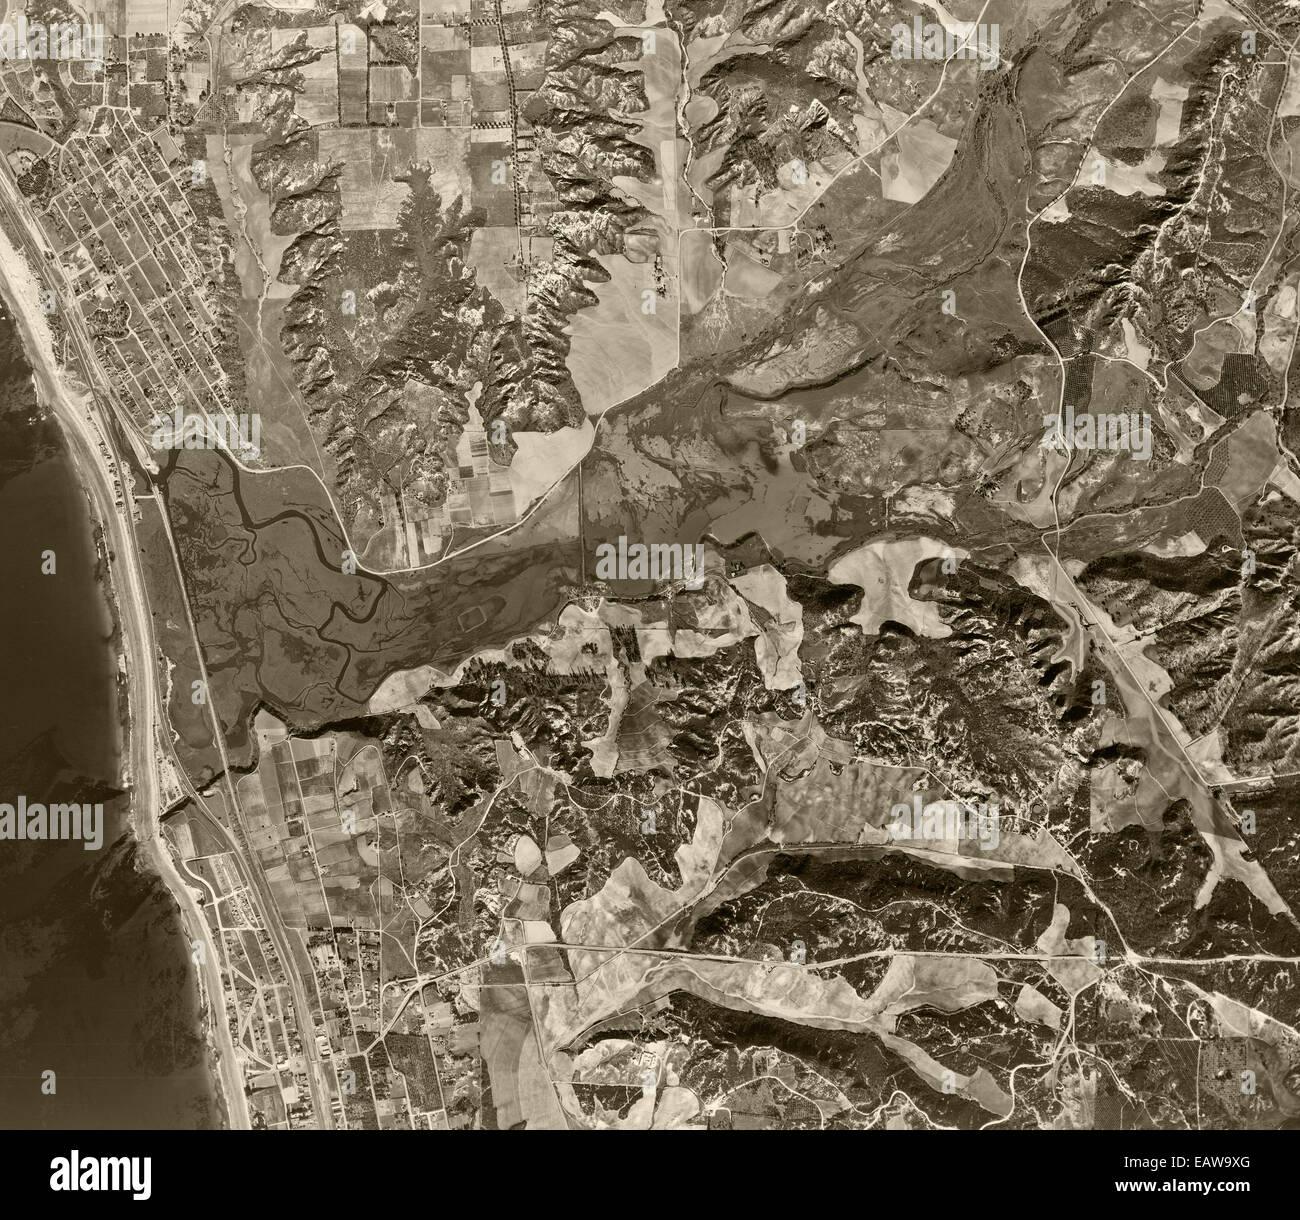 historical aerial photograph Encinitas, Solana Beach, San Diego County, California, 1947 - Stock Image